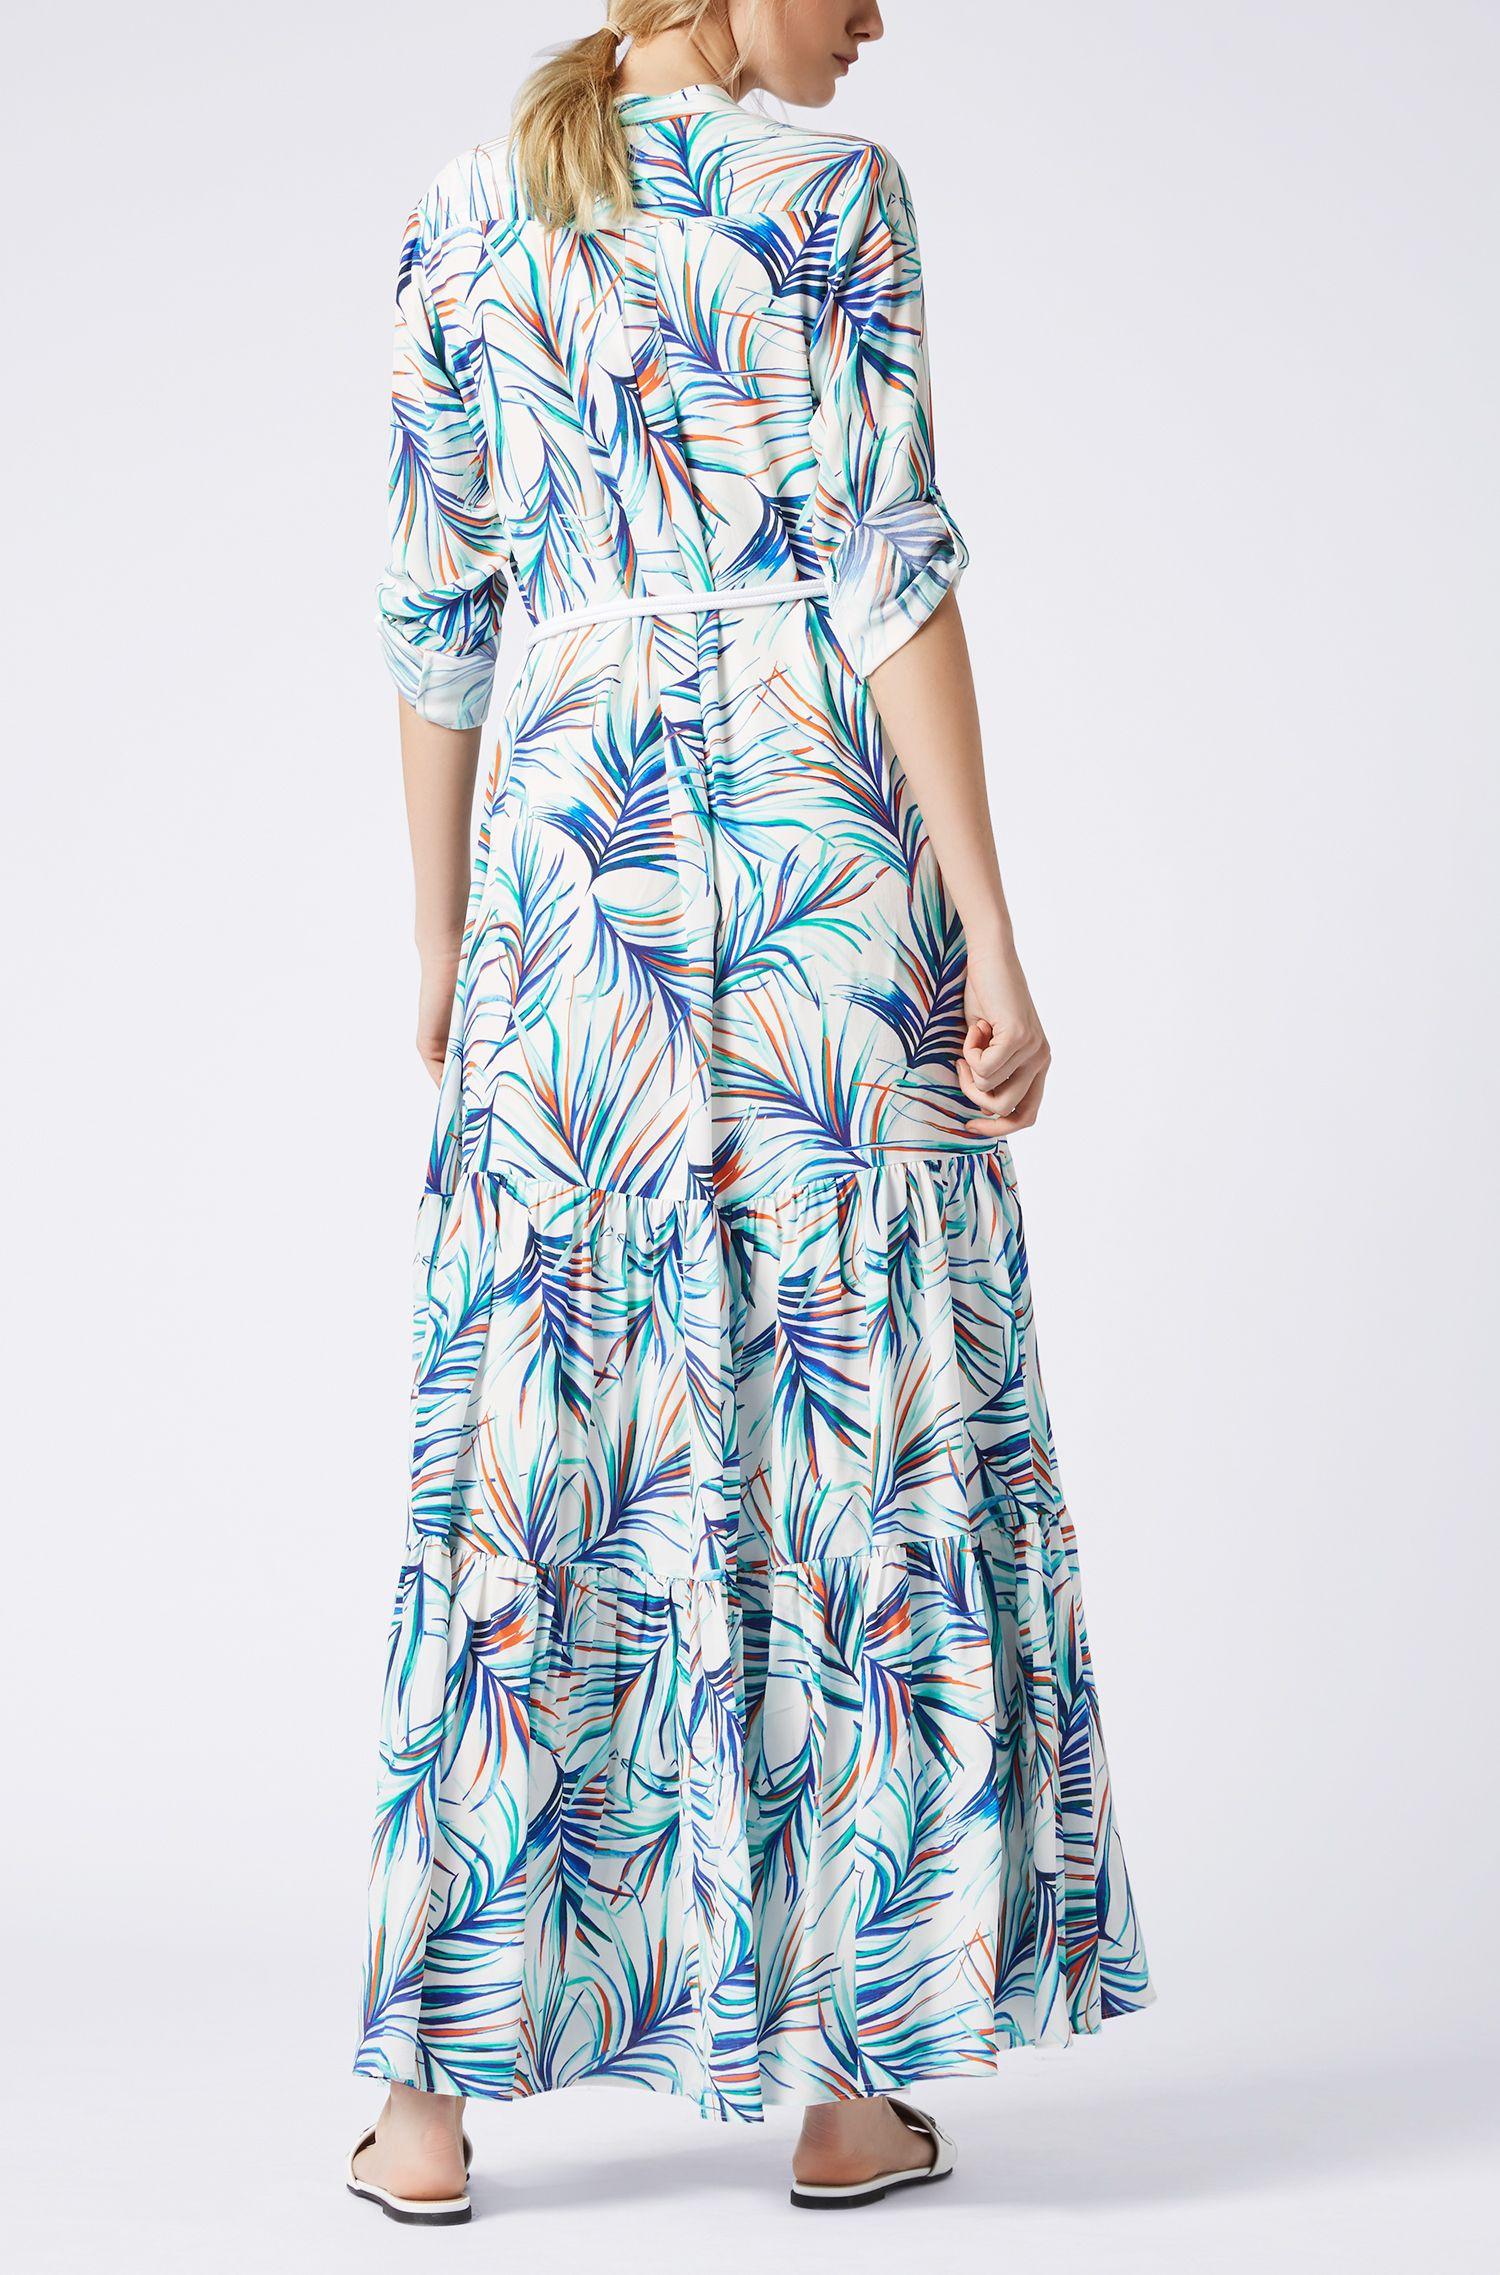 Maxi vestito a maniche lunghe in seta con stampa con foglie di palma